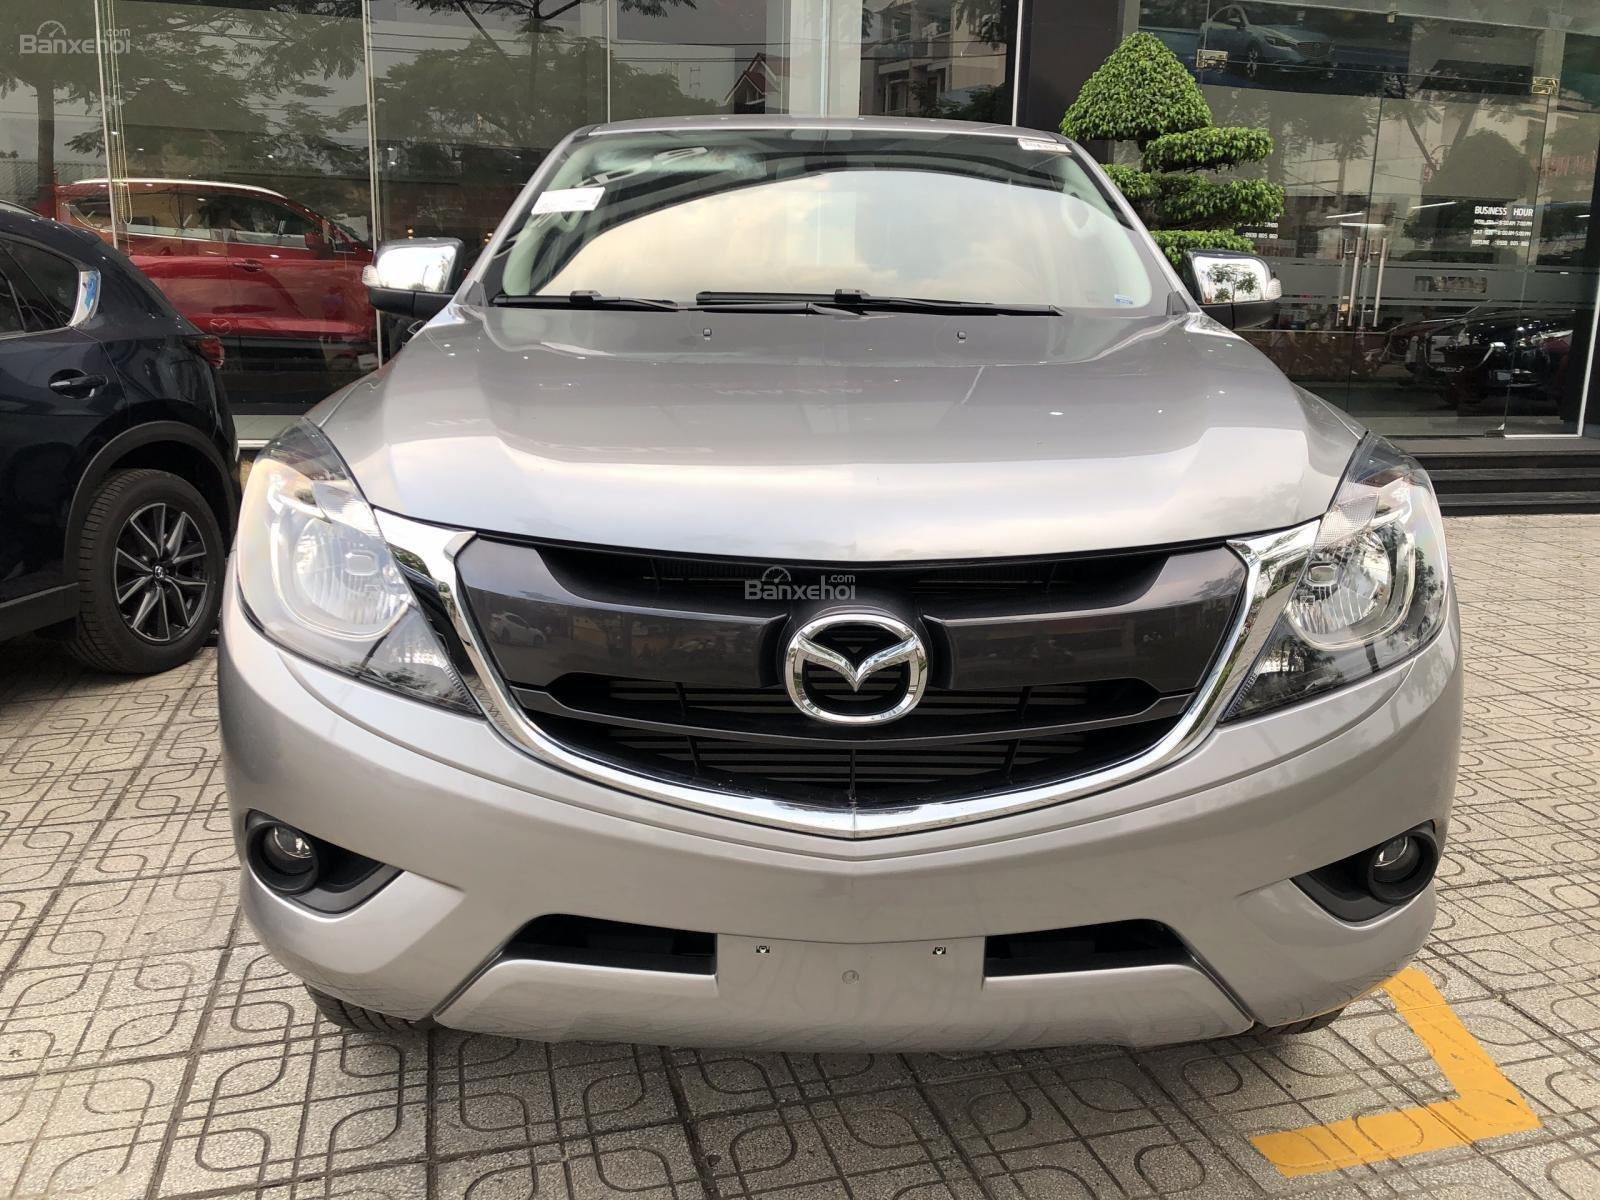 Mazda BT 50 2.2 ATH 2019 full option [giảm 25 triệu] gọi ngay 0941322979 Mazda Bình Triệu-0